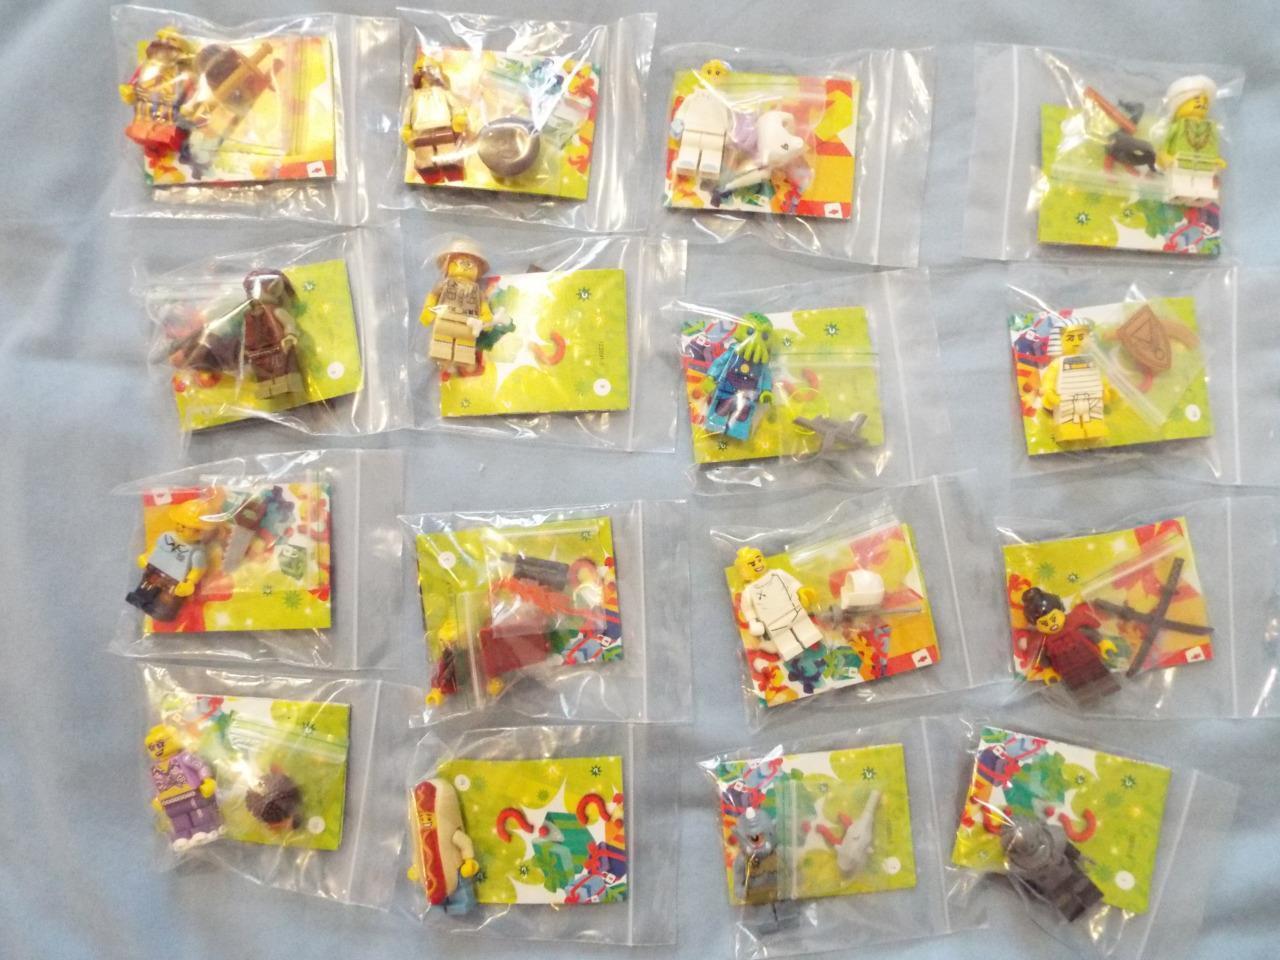 Vous ne pouvez pas acheter un un un téléphone portable ** et vous n'avez pas de rabais. LEGO series 13 Minifigures 71008 Ensemble complet (NEUF) ASSEMBLÉS 0e6829